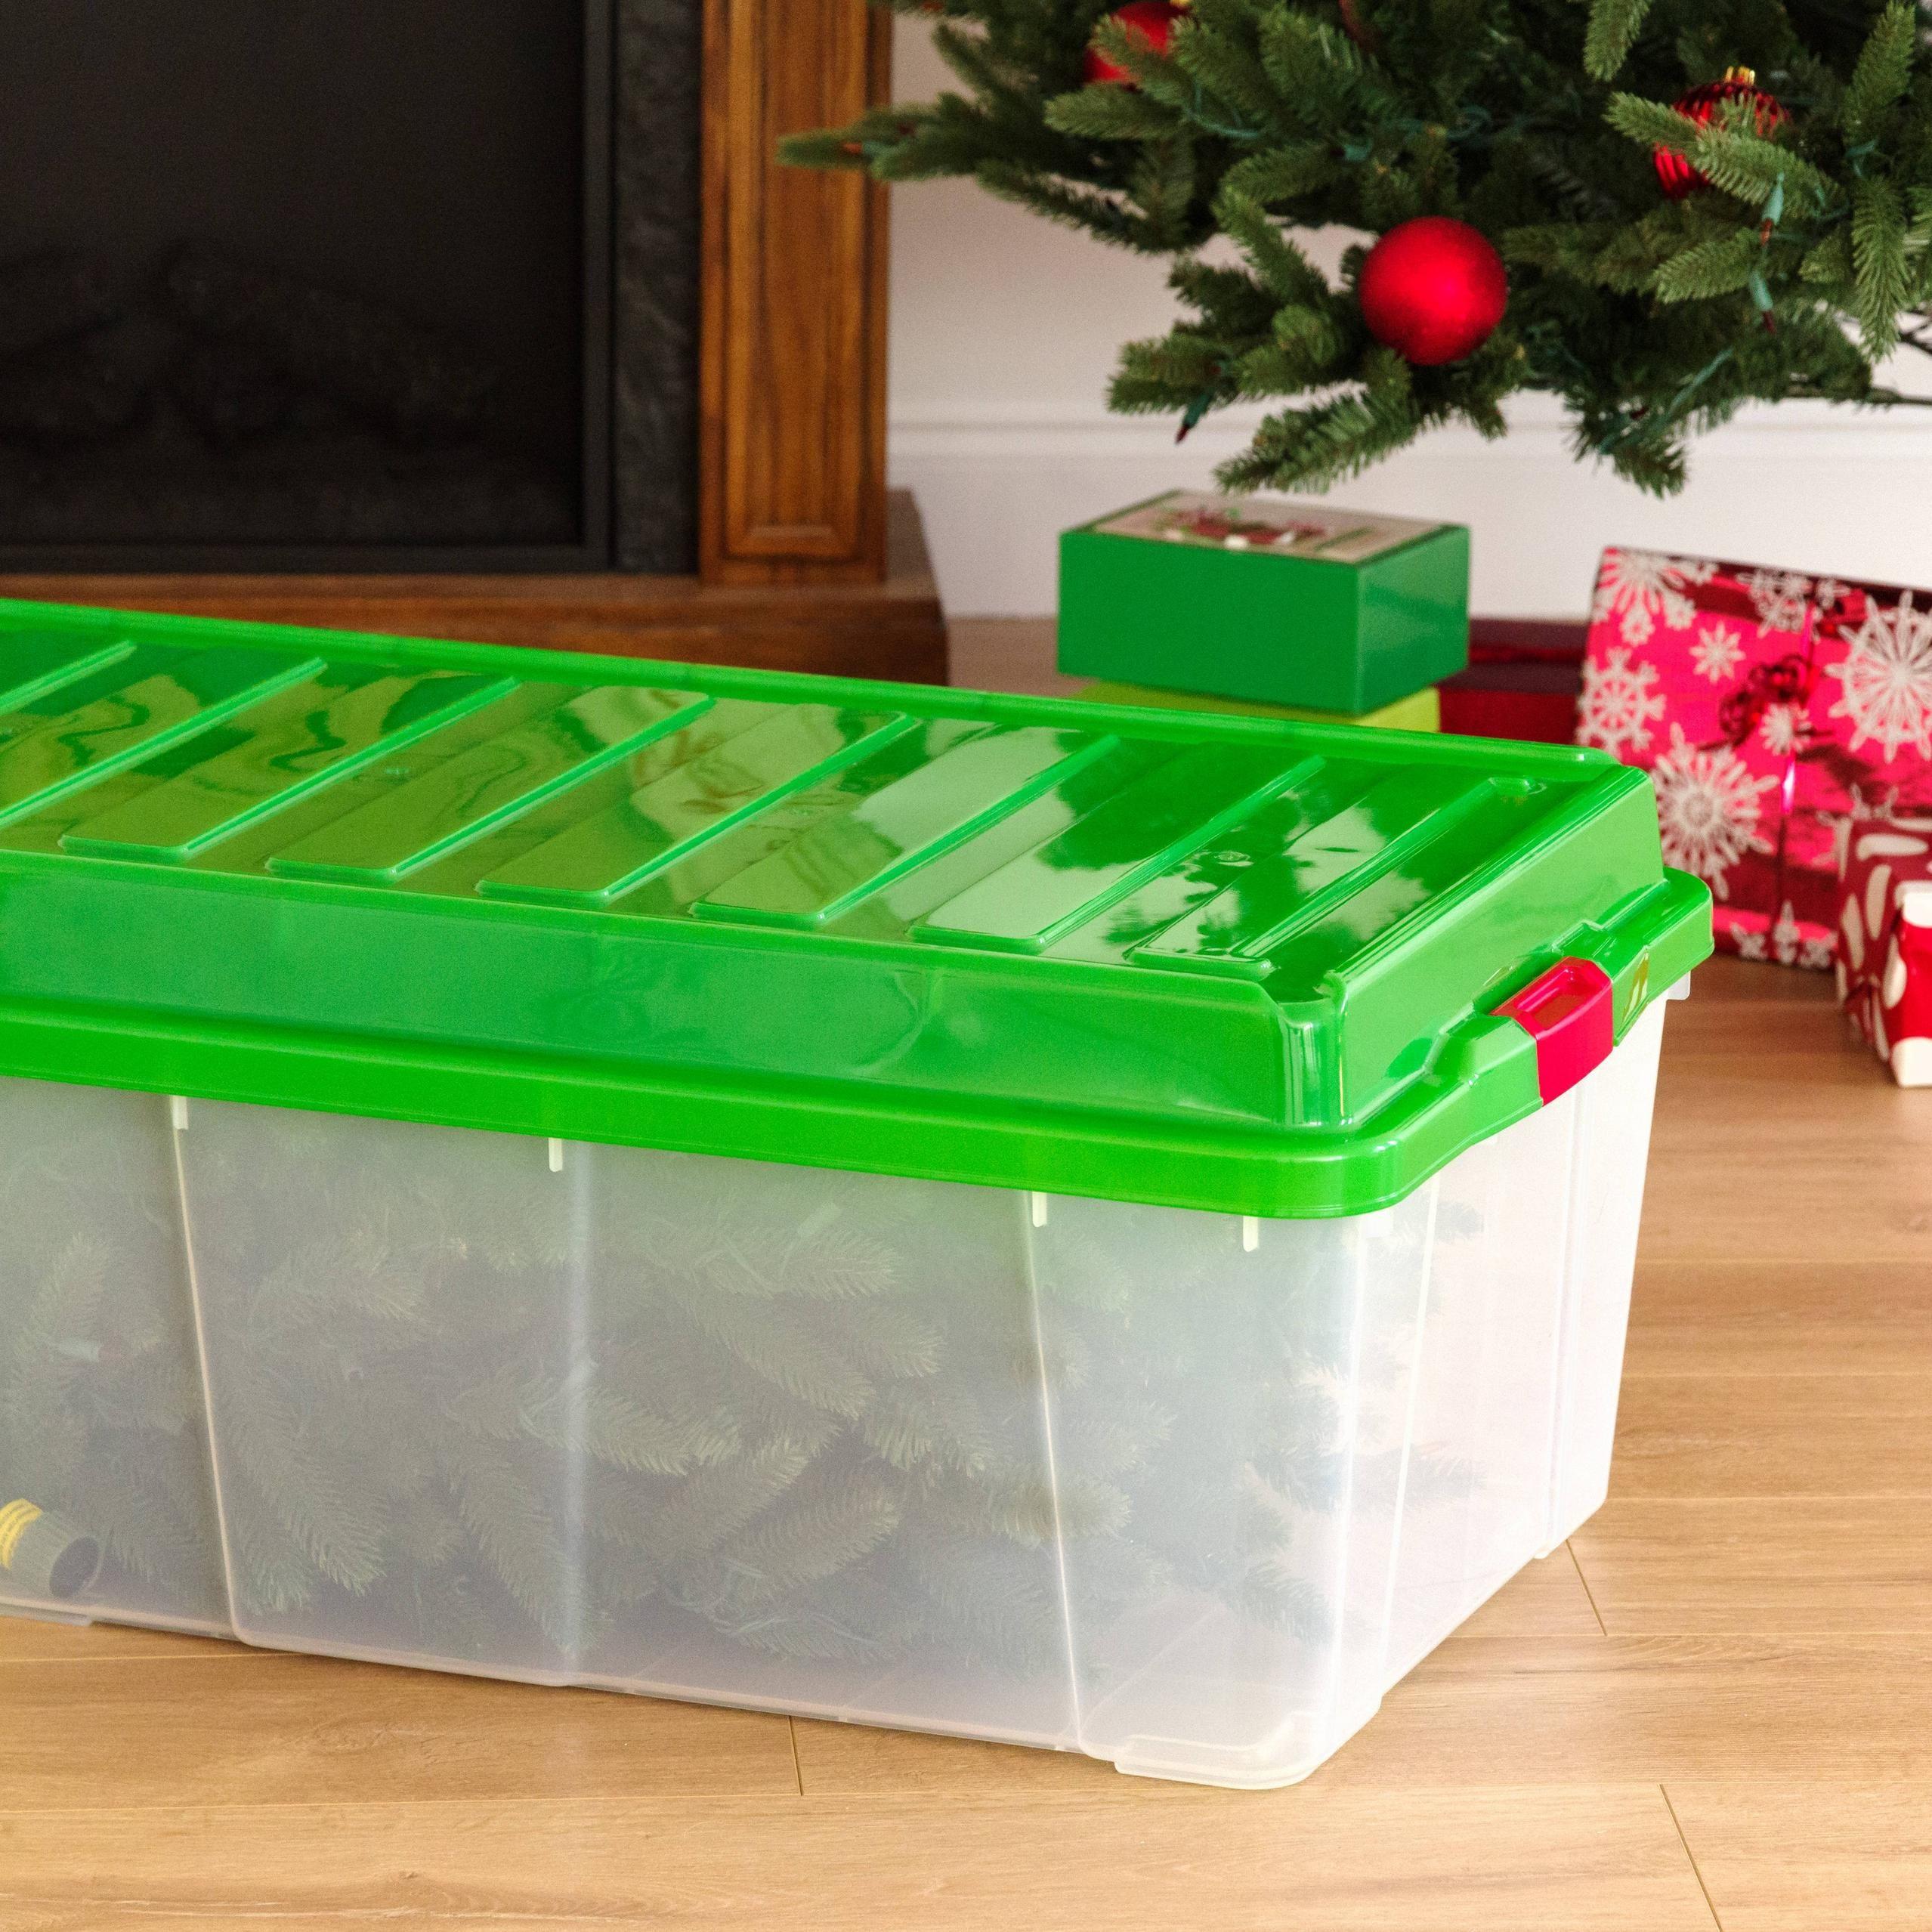 Iris Tree Storage Tote Green Lid Walmart Com In 2020 Tote Storage Christmas Tree Storage Plastic Christmas Tree